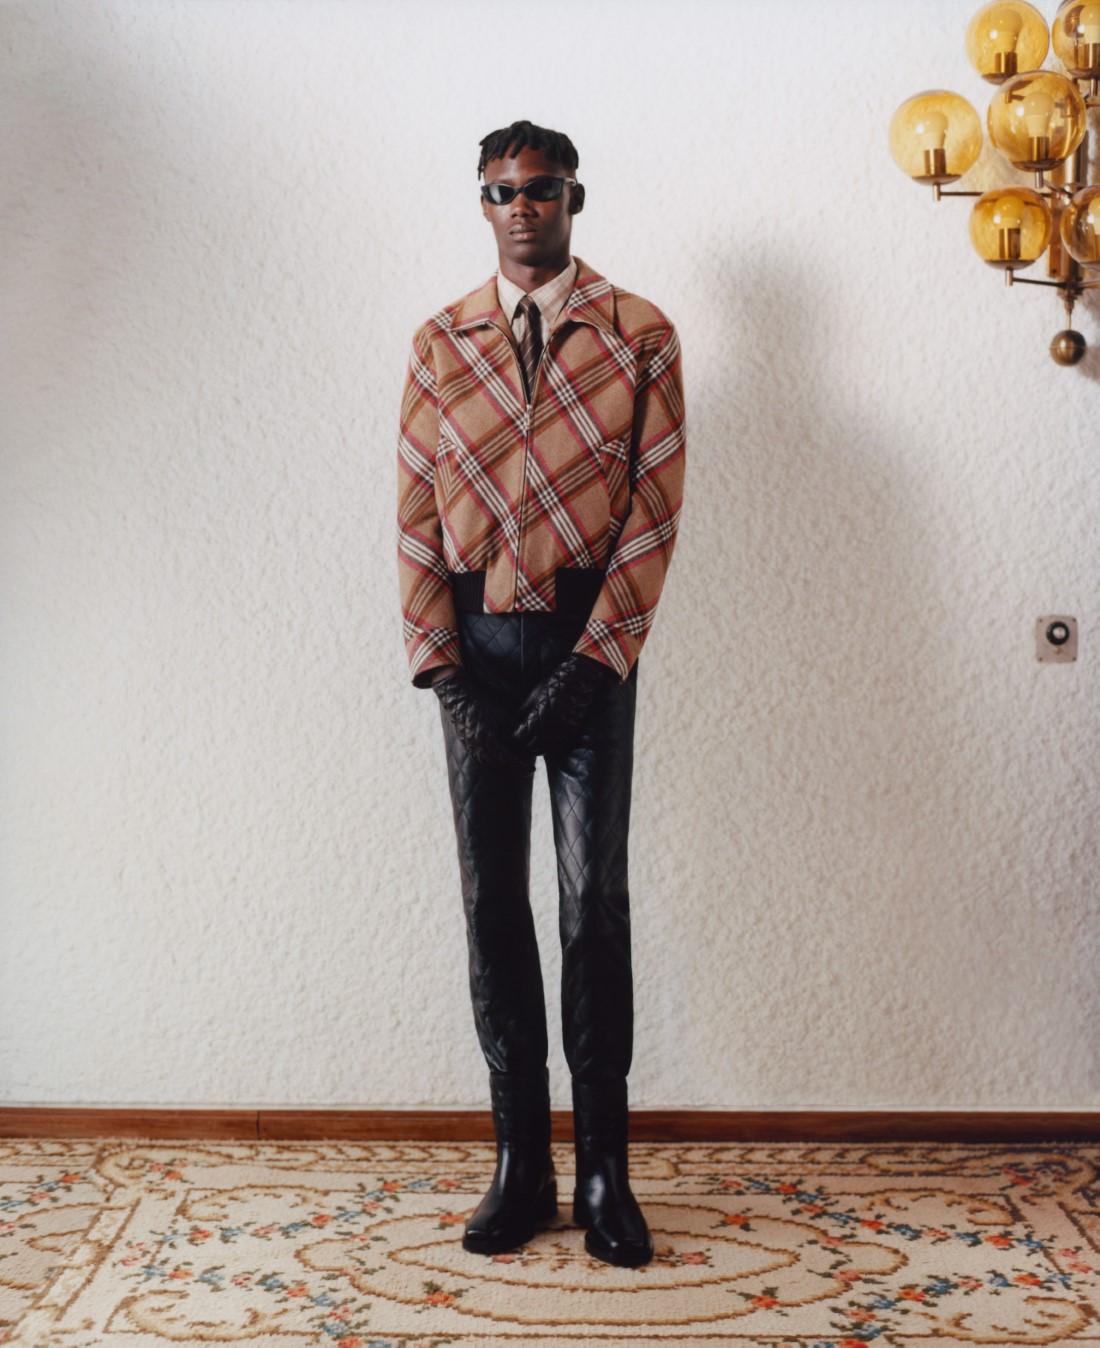 Ernest W. Baker - Automne-Hiver 2021 - Paris Fashion Week